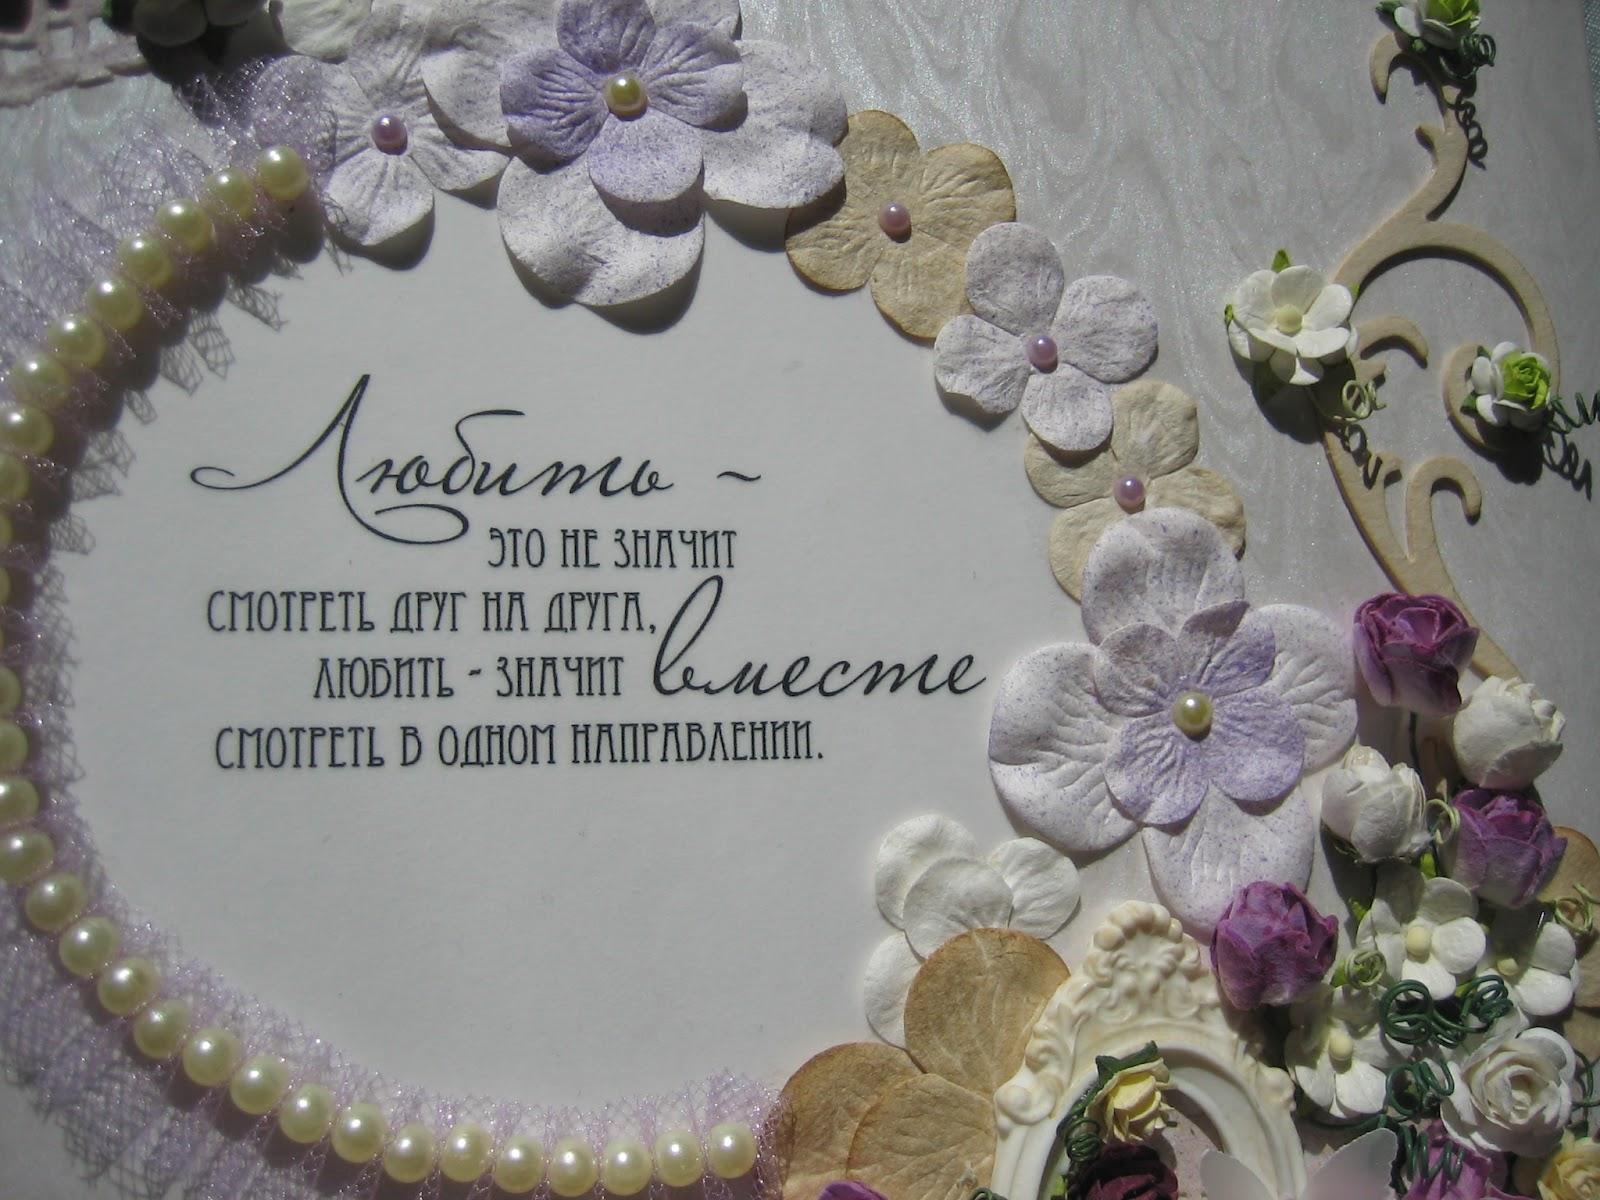 Фразы к свадебным фото